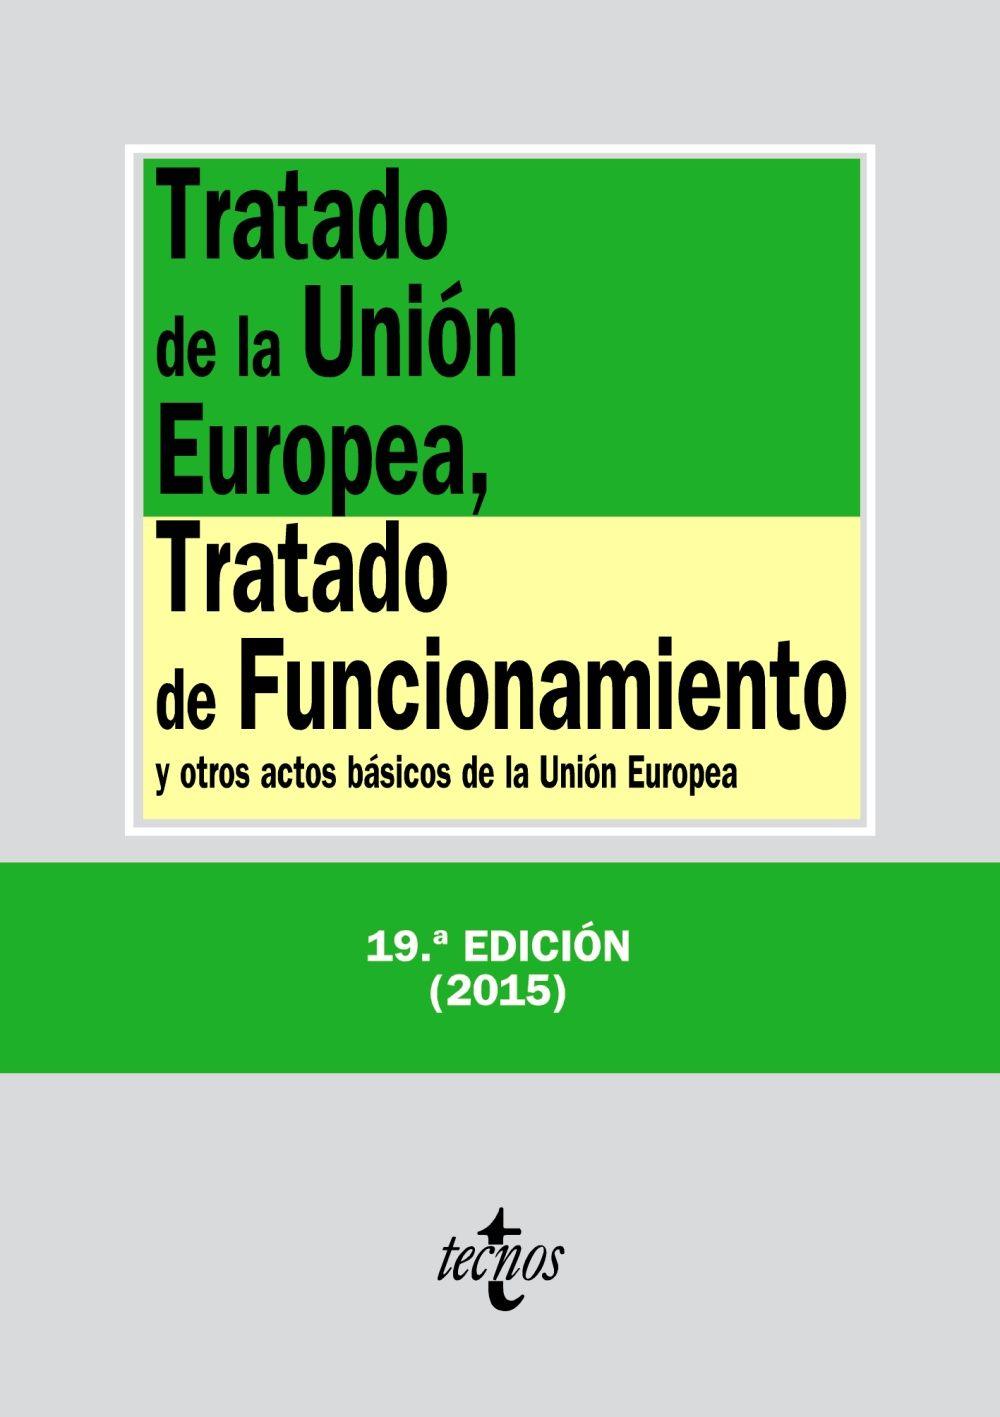 Tratado de la Unión Europea, Tratado de funcionamiento y otros actos básicos de la Unión Europea.    19ª ed. act.    Tecnos, 2015